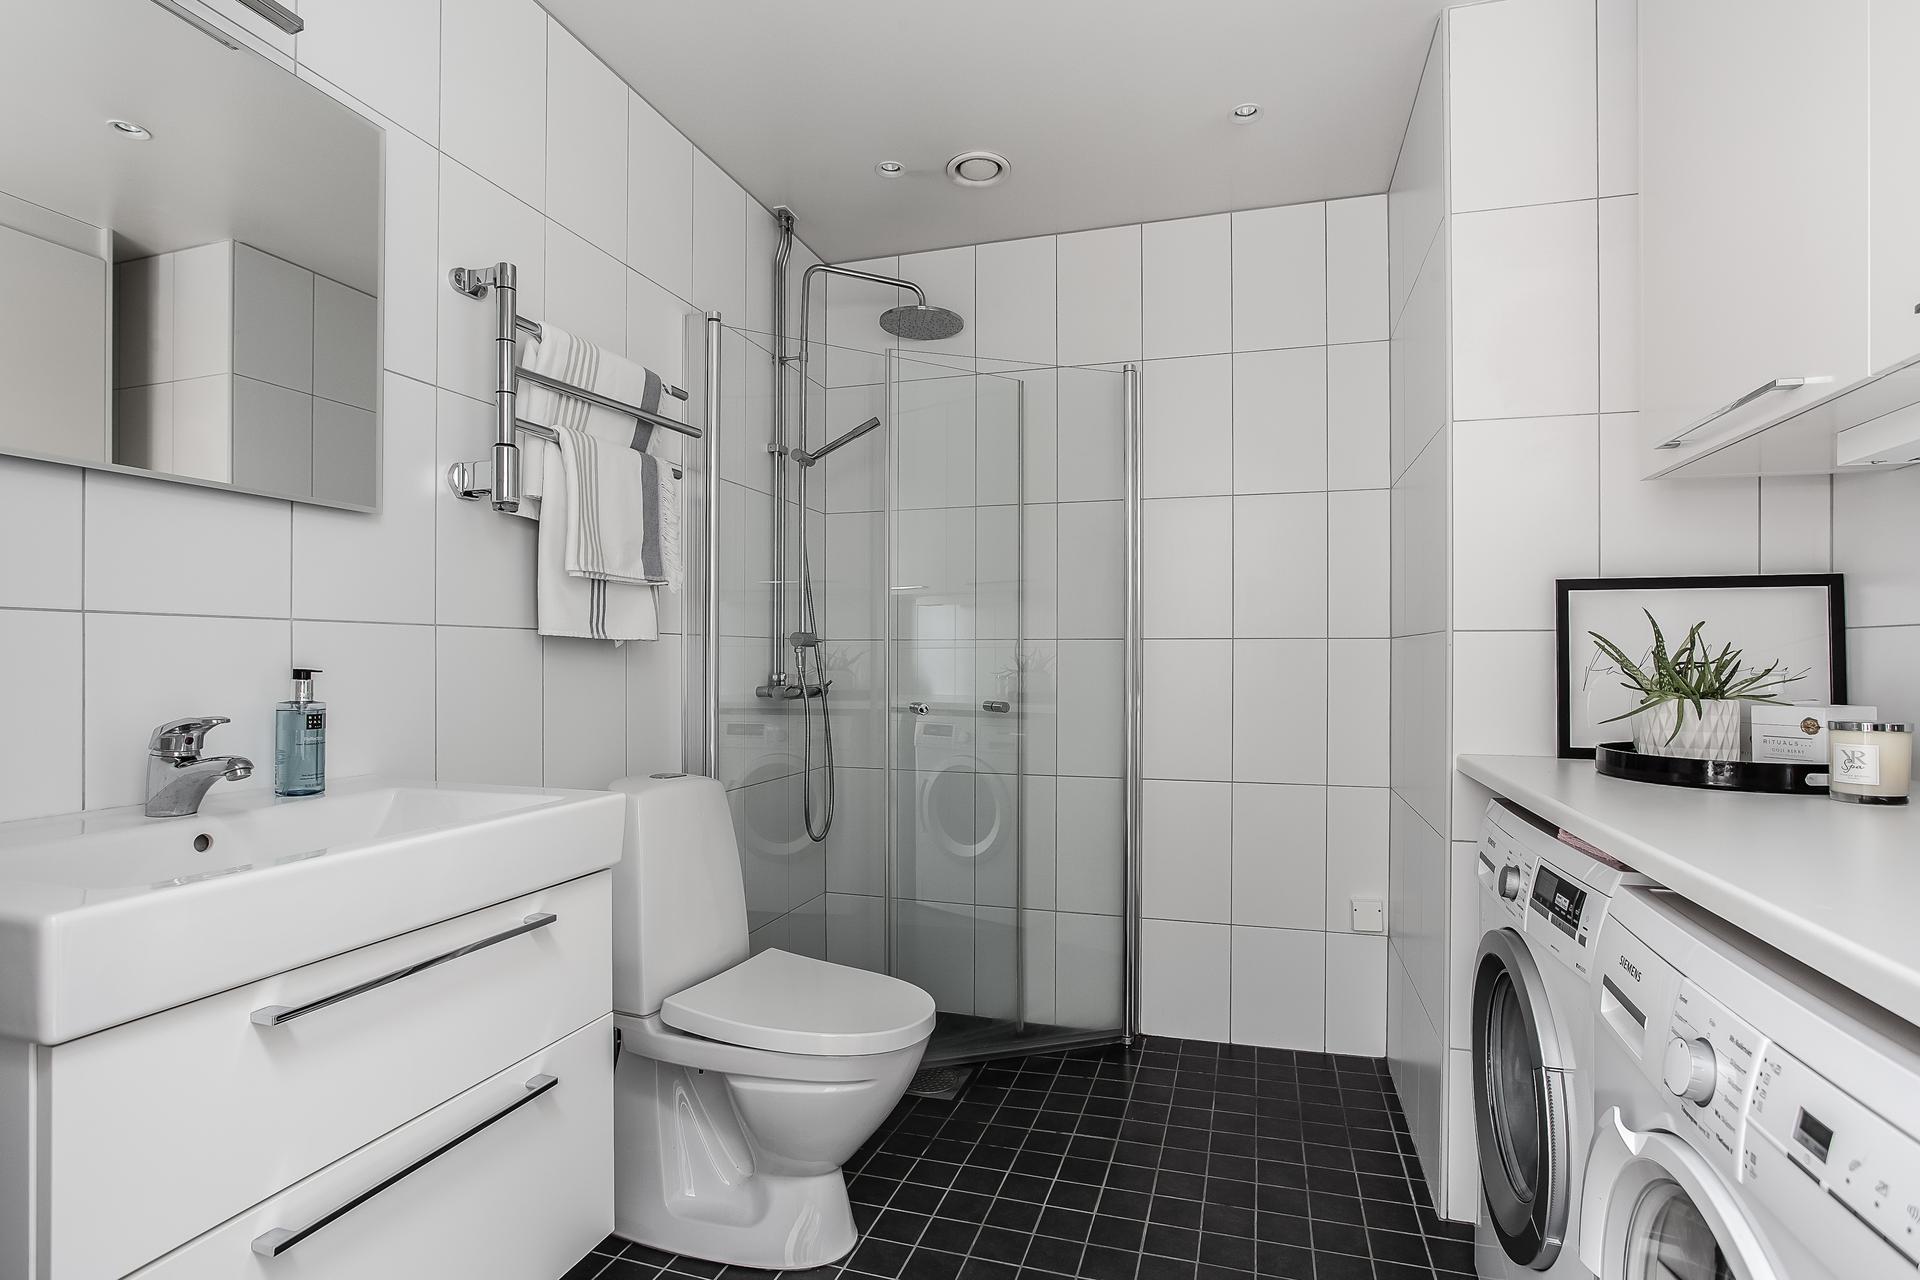 санузел душ раковина зеркало стиральная сушильная машина шкаф